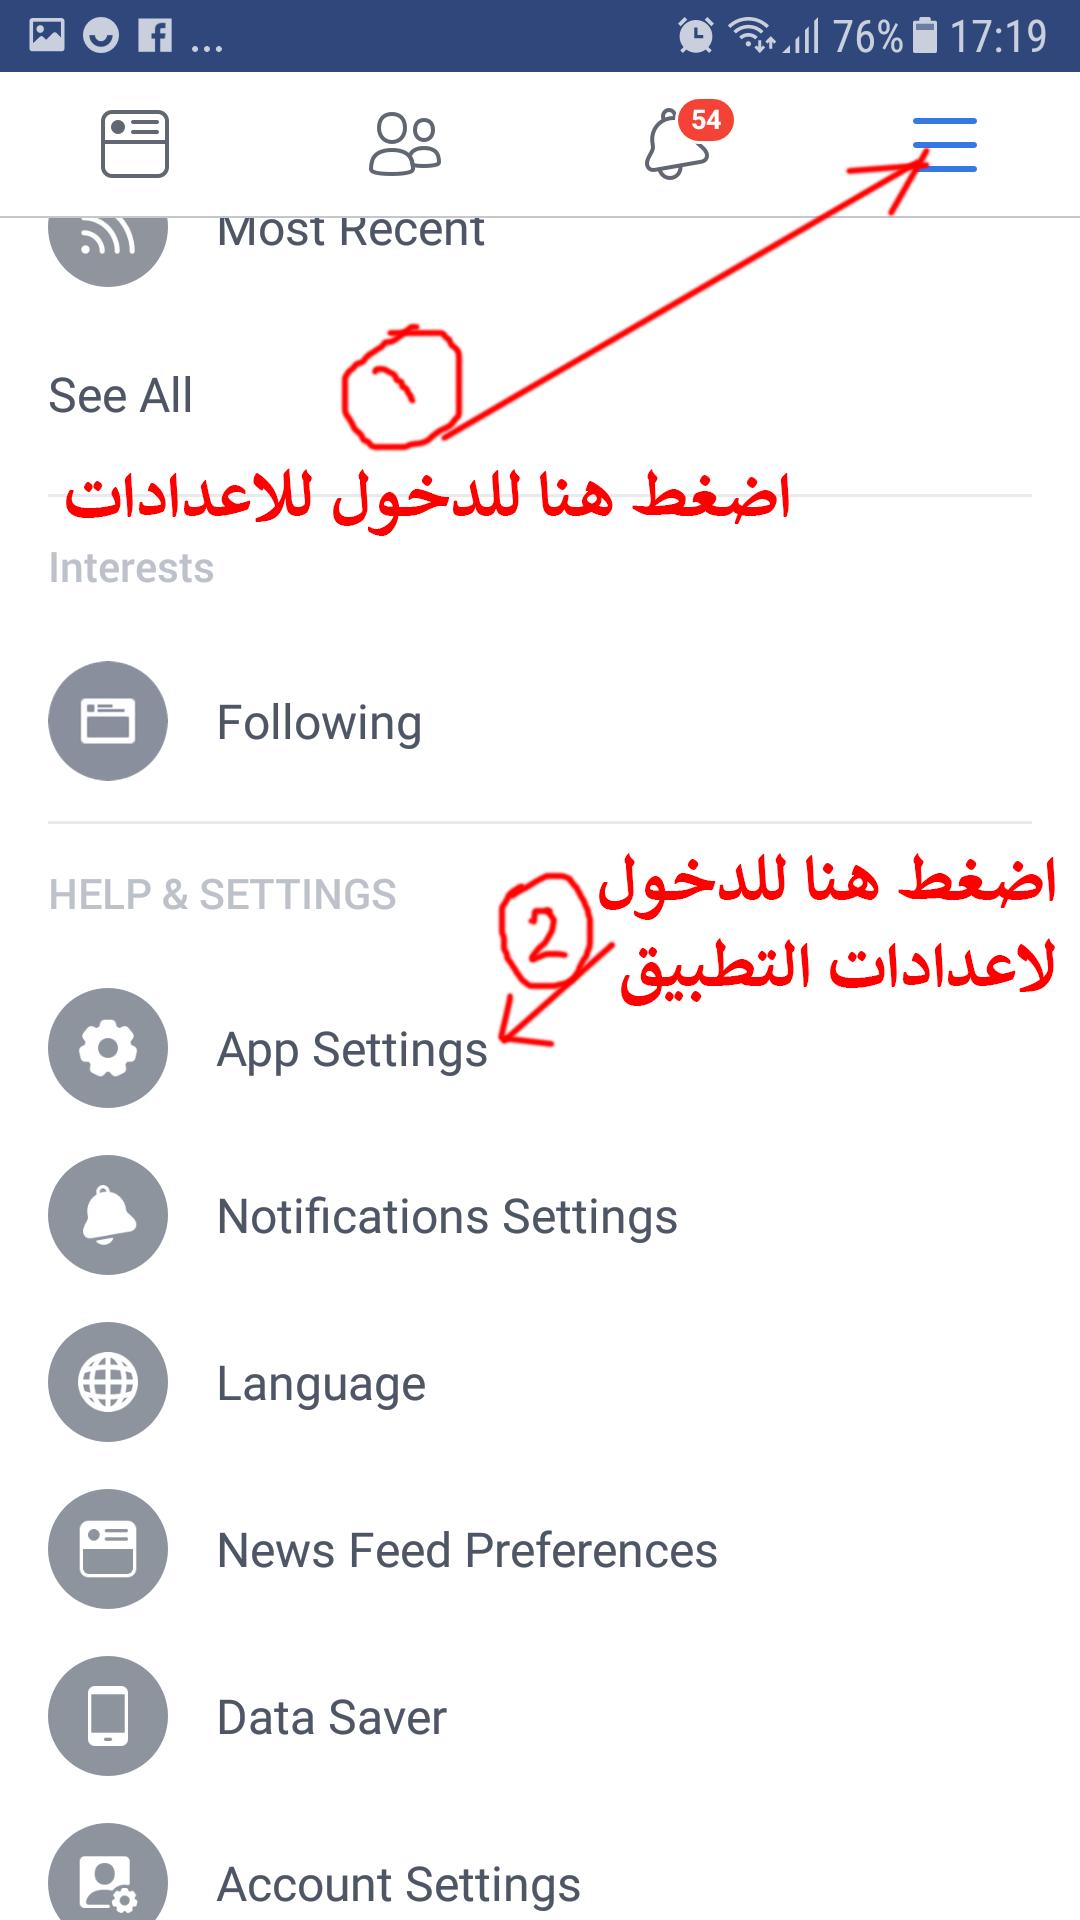 تحميل فيديو من الفيس بوك بجودة عالية 2018 icono